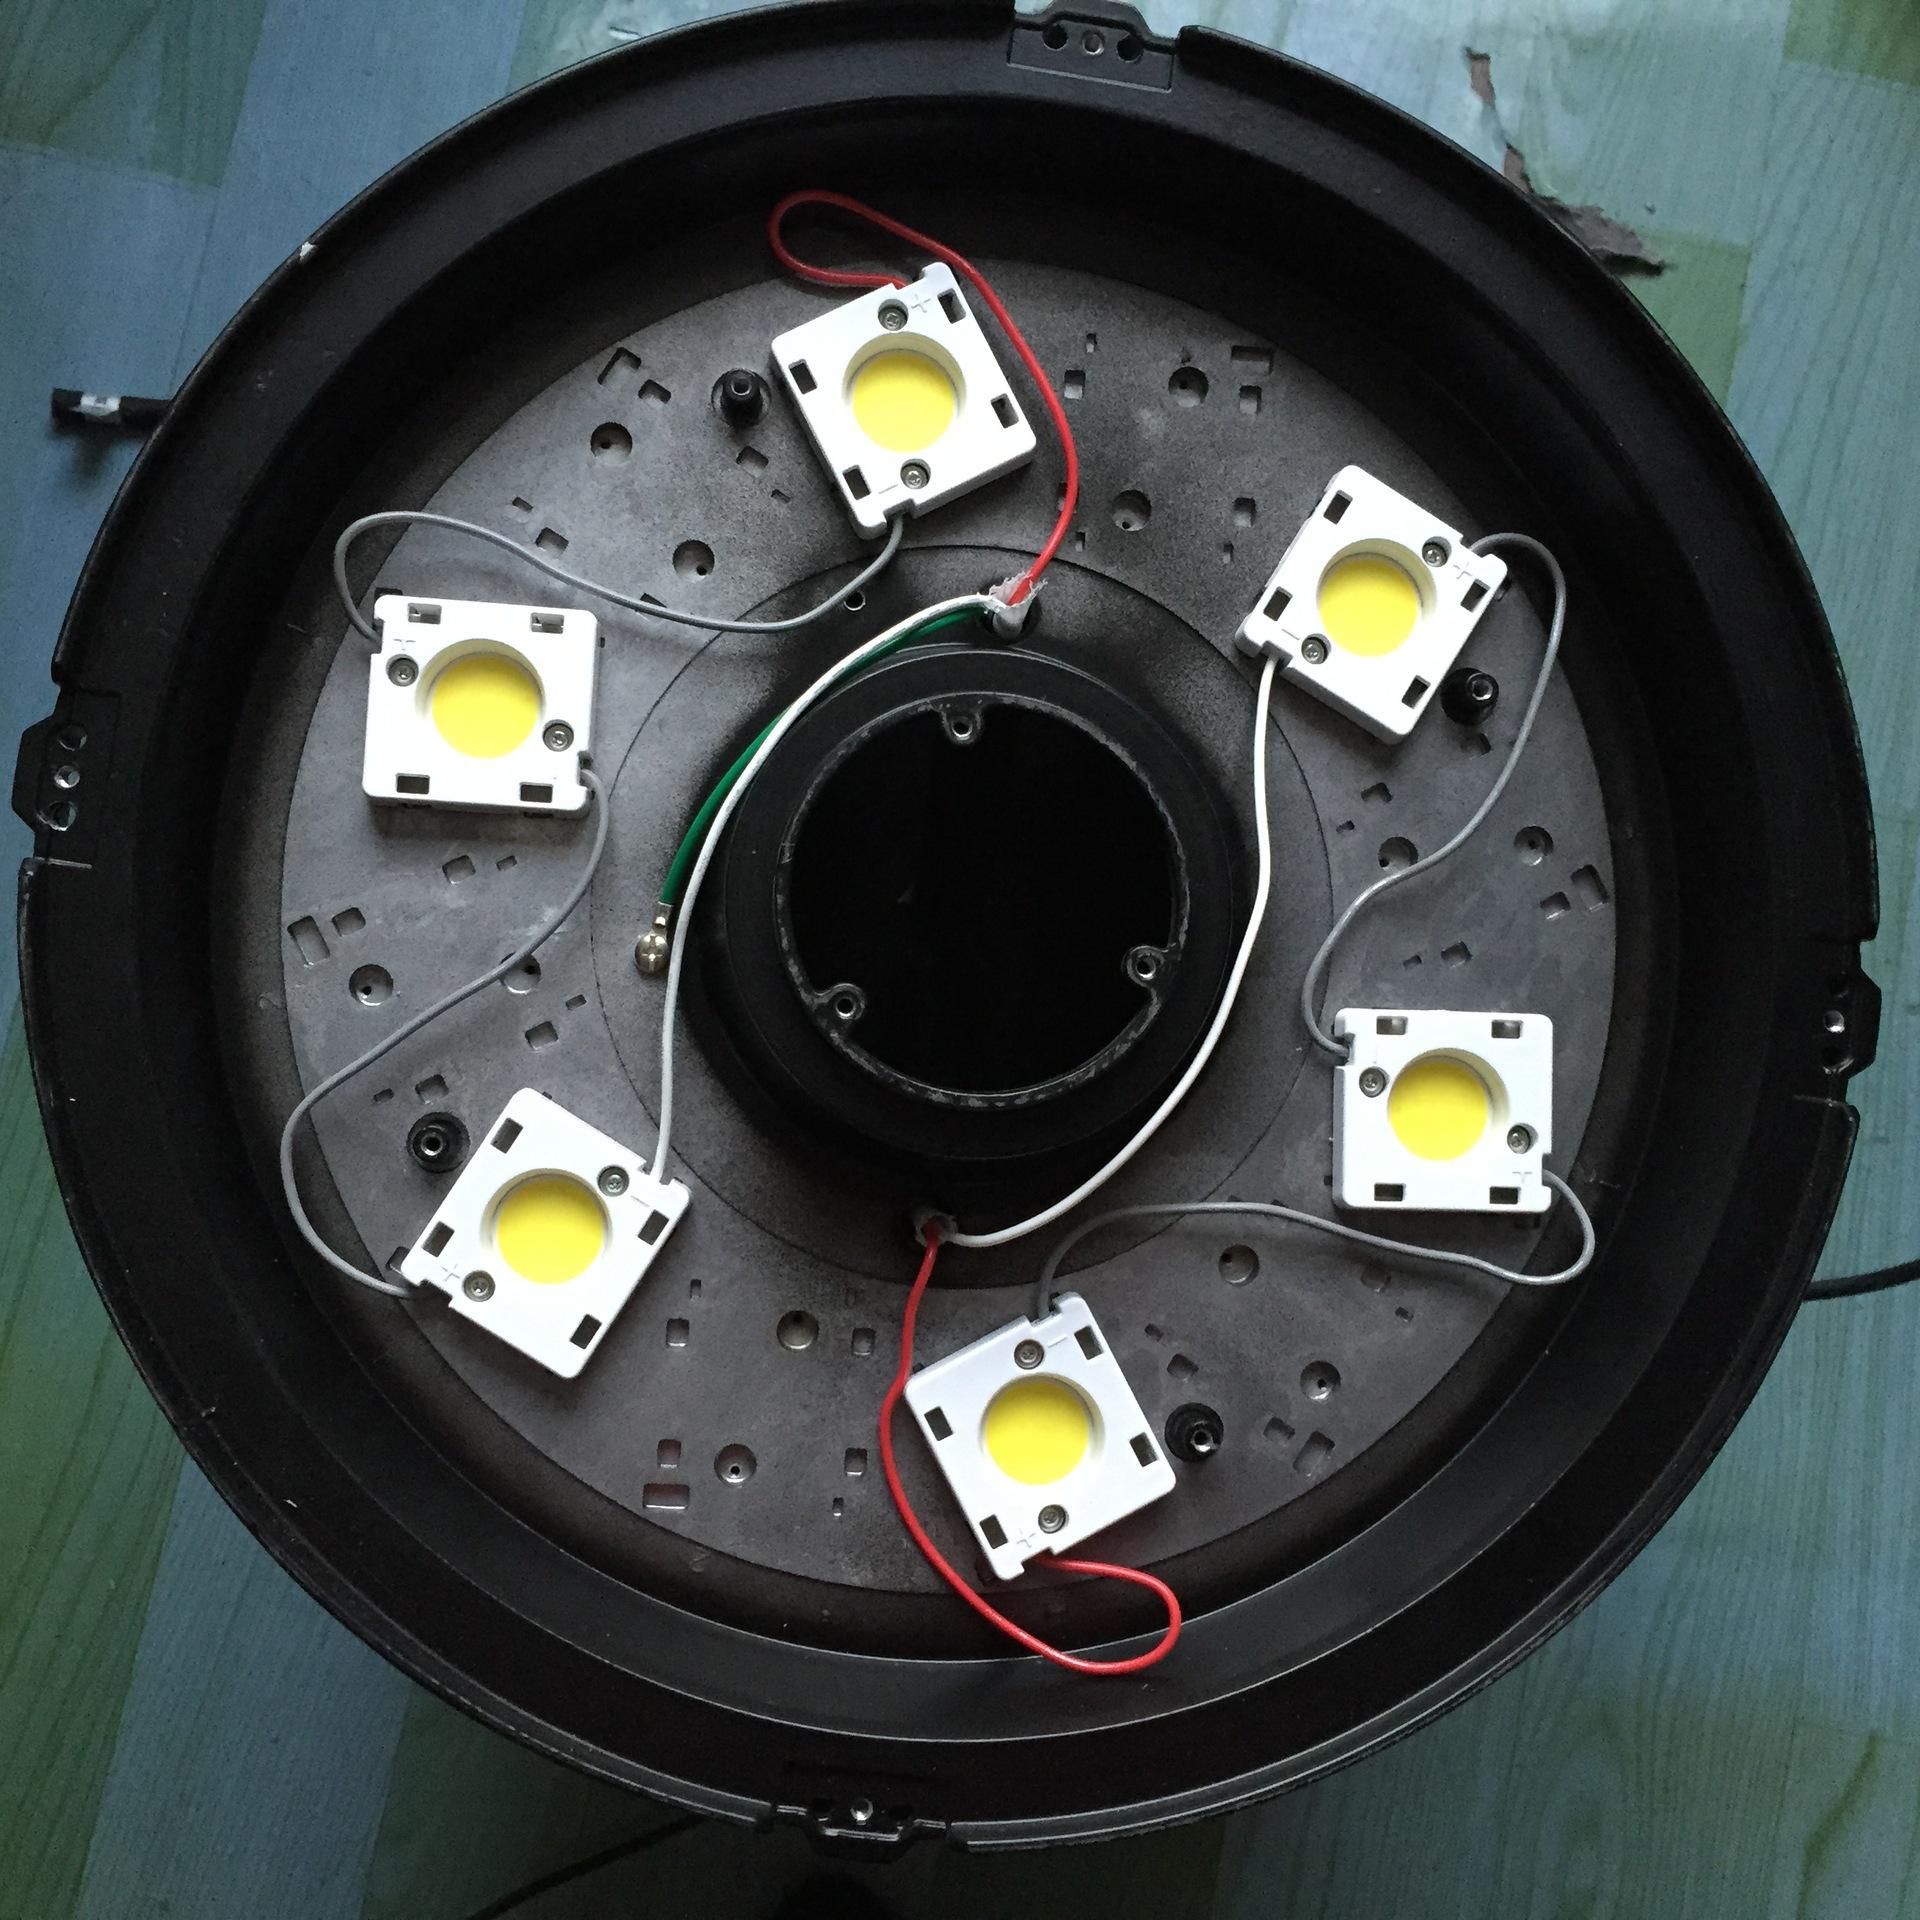 Vỏ chụp đèn chiếu điểm LED High Bay Light Factory Direct mining lamp shell kit designed for Mitsubis